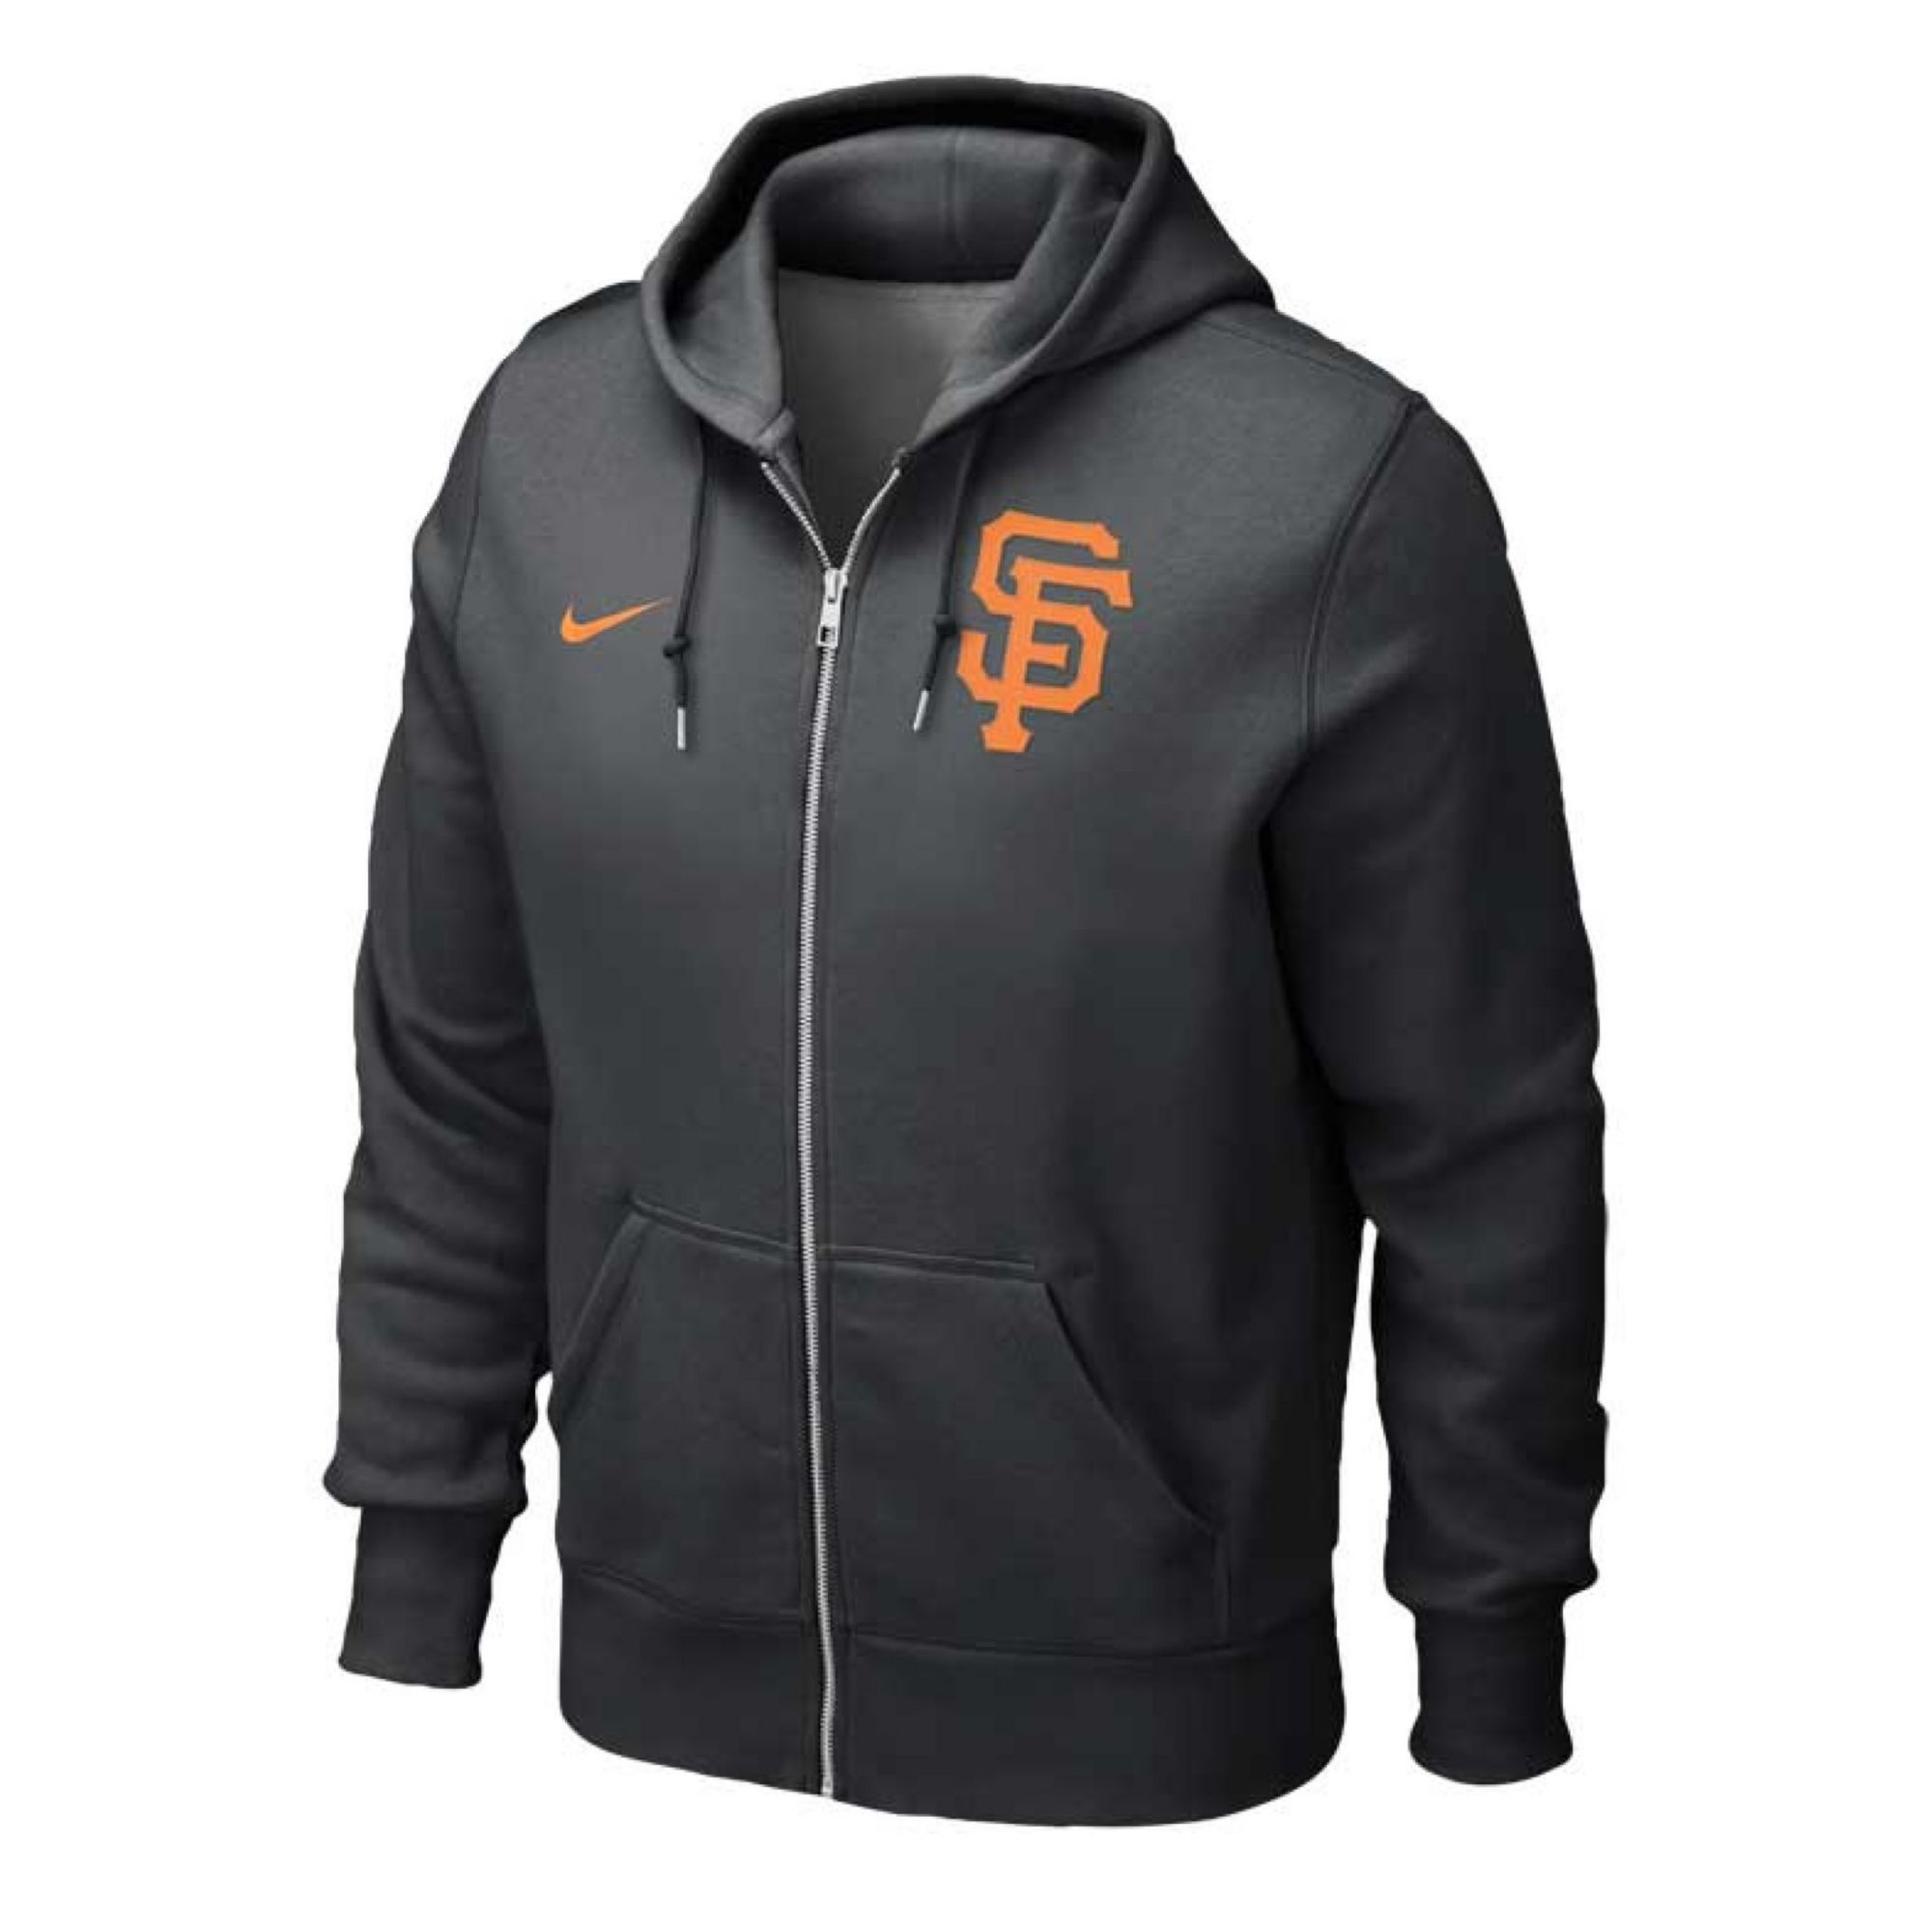 Sf giants zip up hoodie